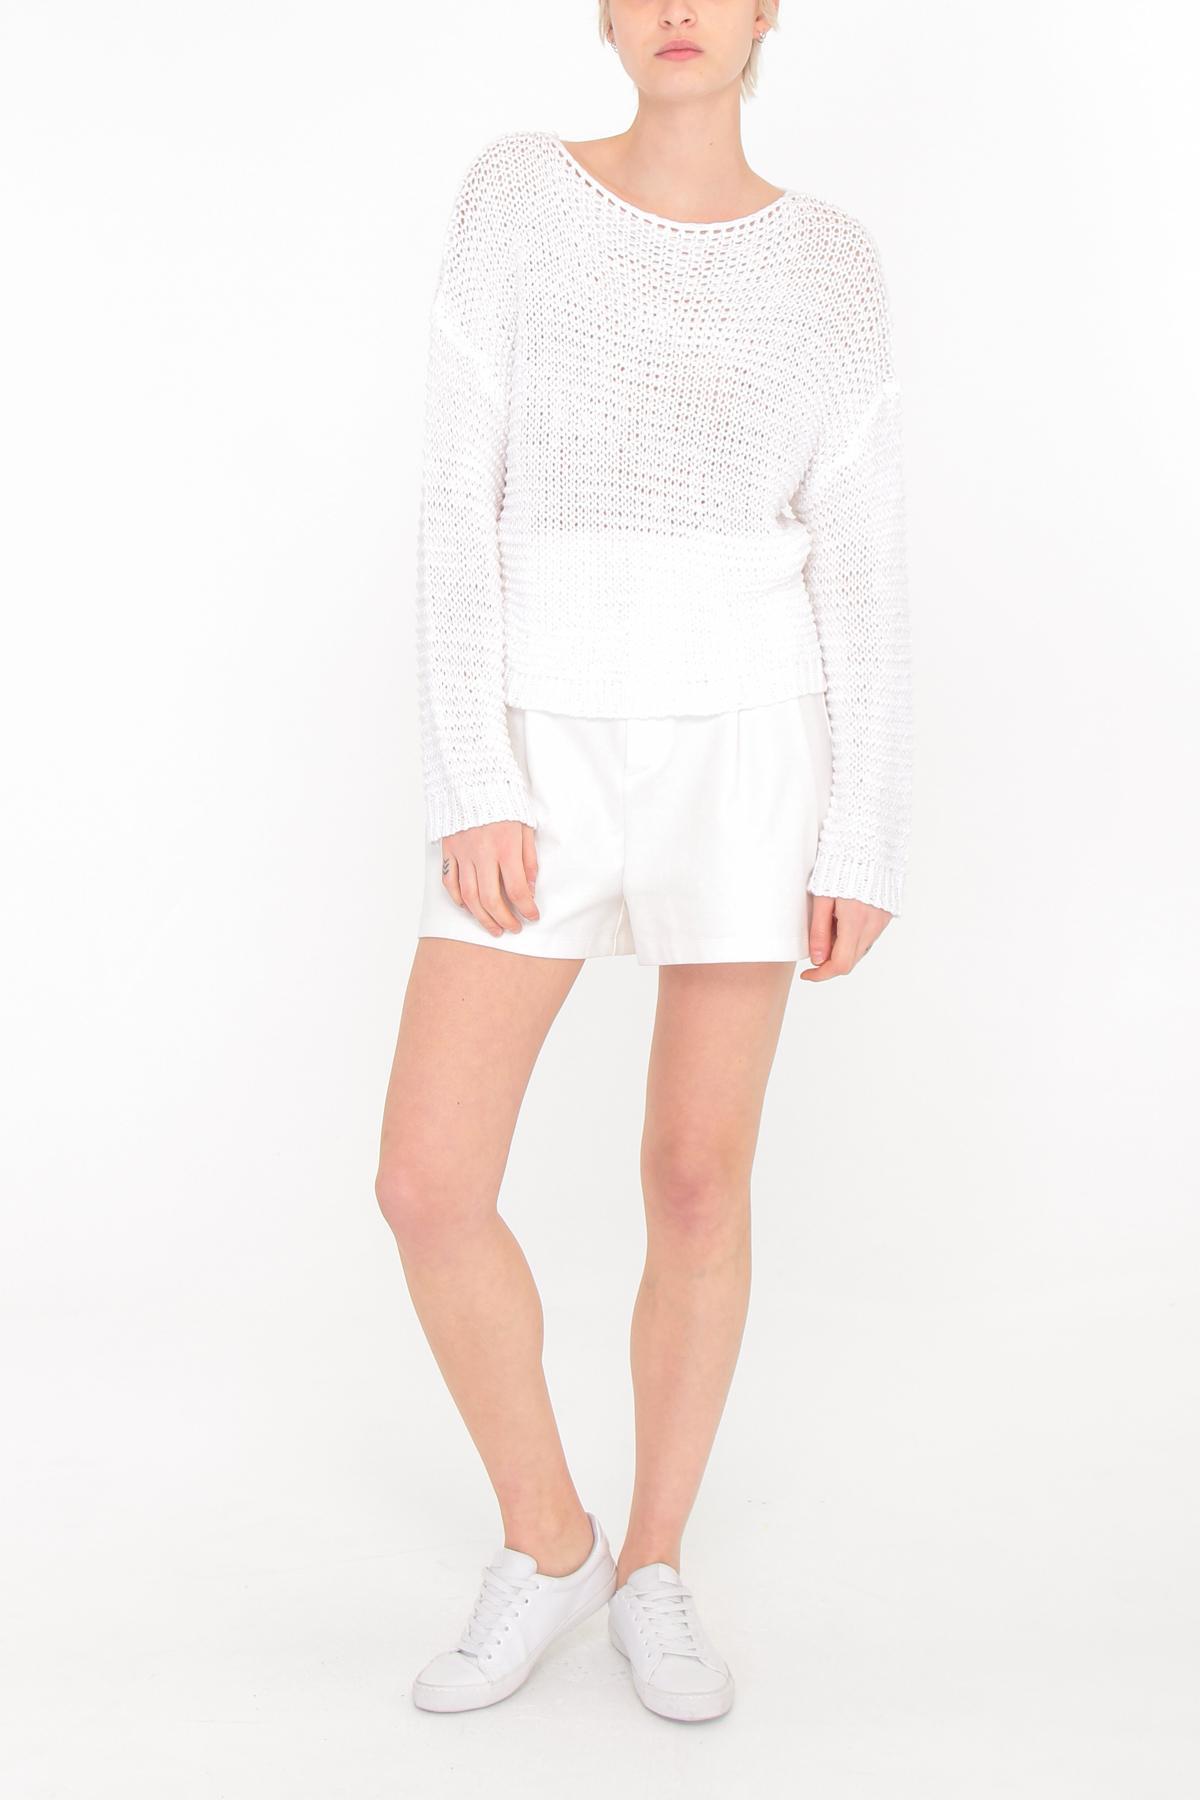 Pulls Femme Blanc C.M.P.55 (sarl GDCY) CL117 #c eFashion Paris